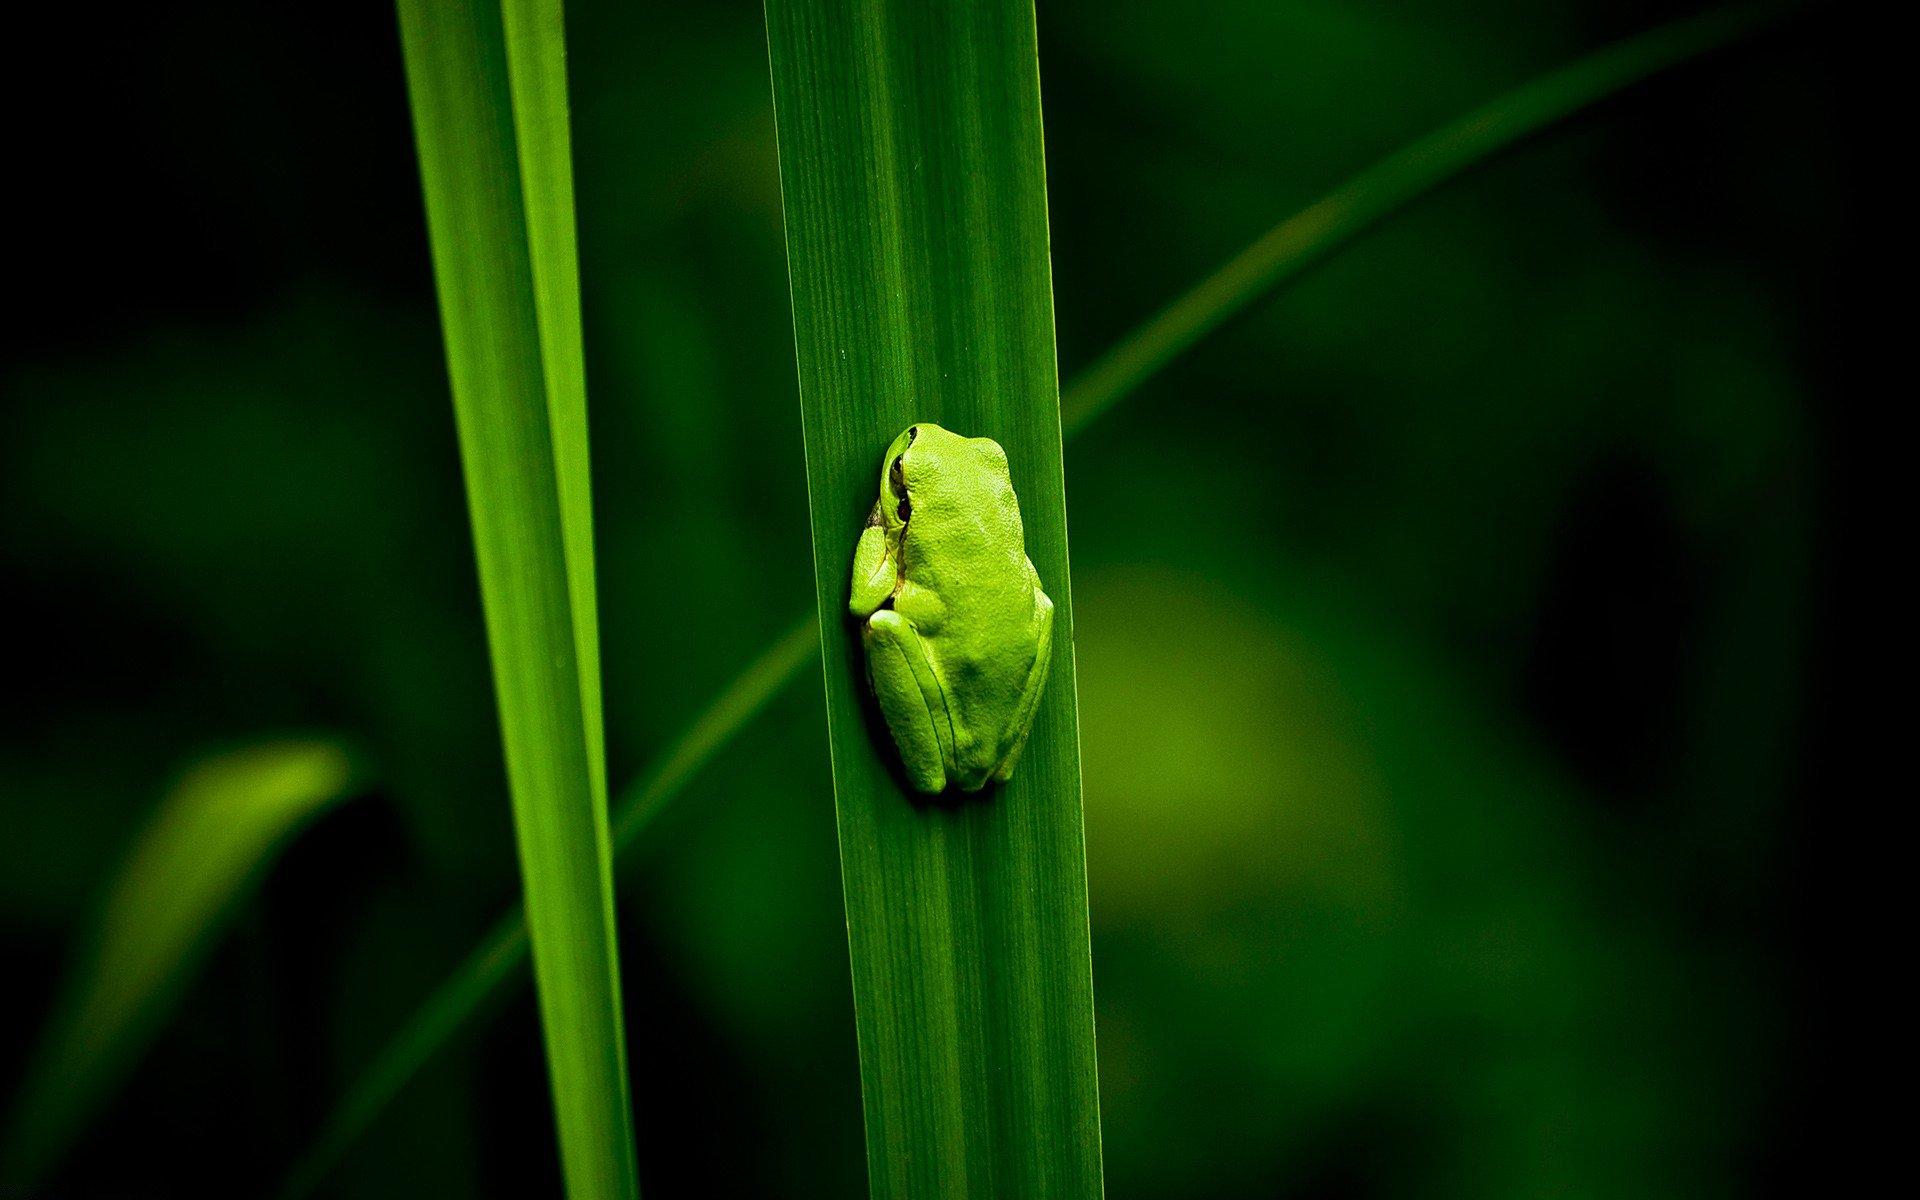 жаба лист фон  № 3164610 бесплатно